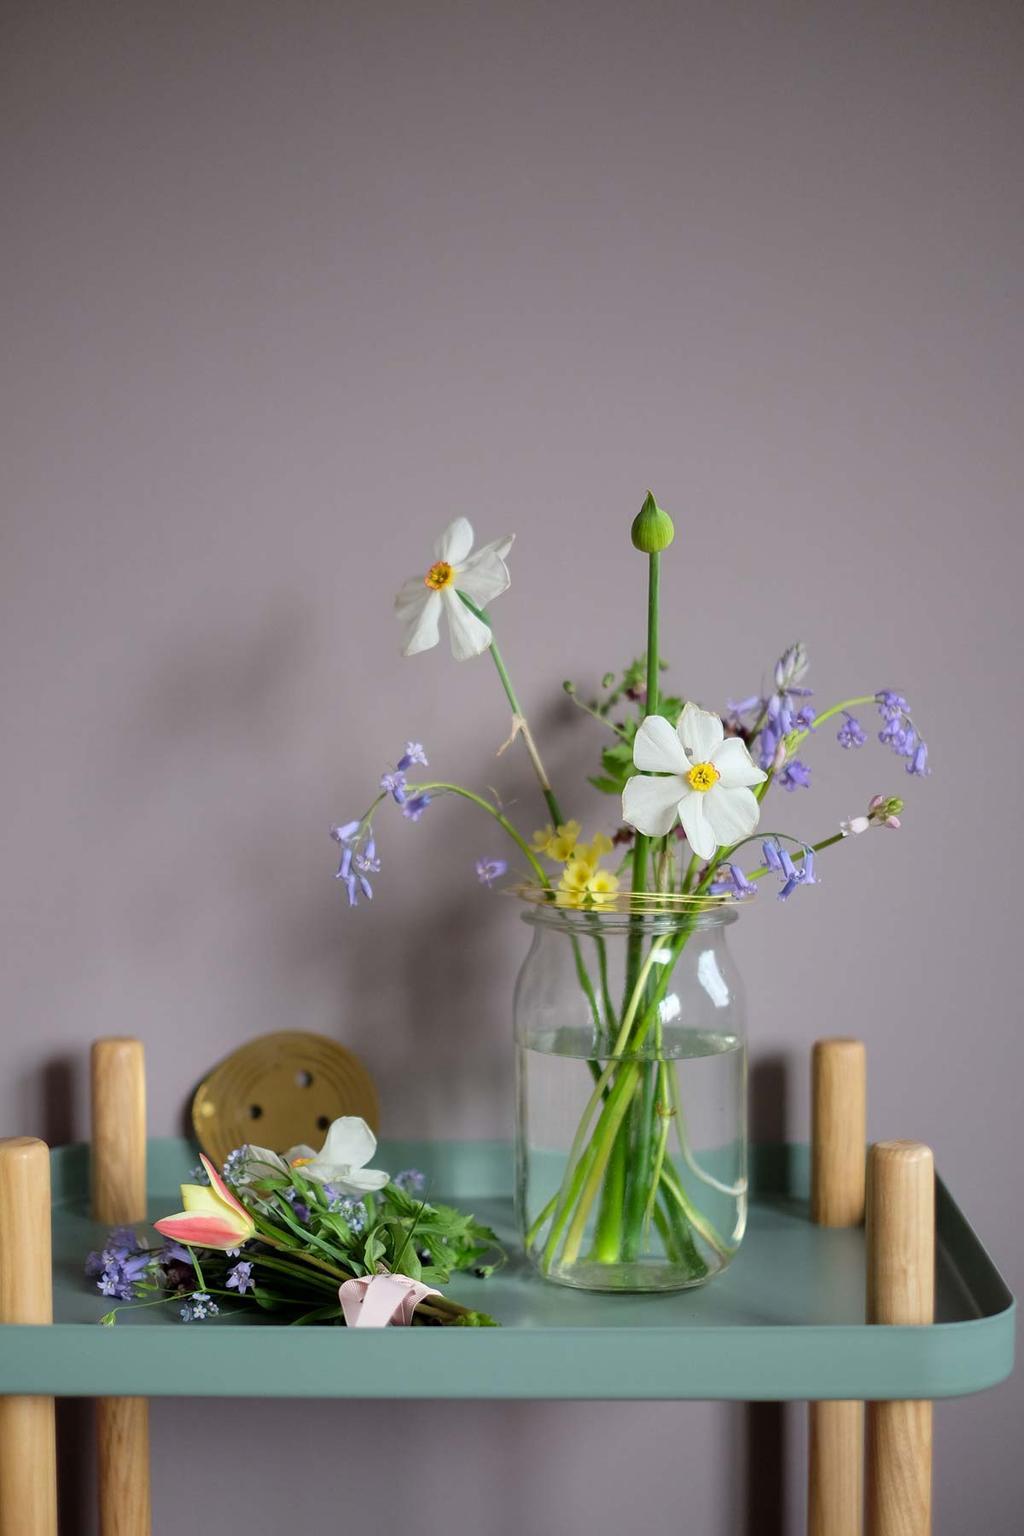 Vaas met bloemen en Flower Constellation van House Thol op een kastje